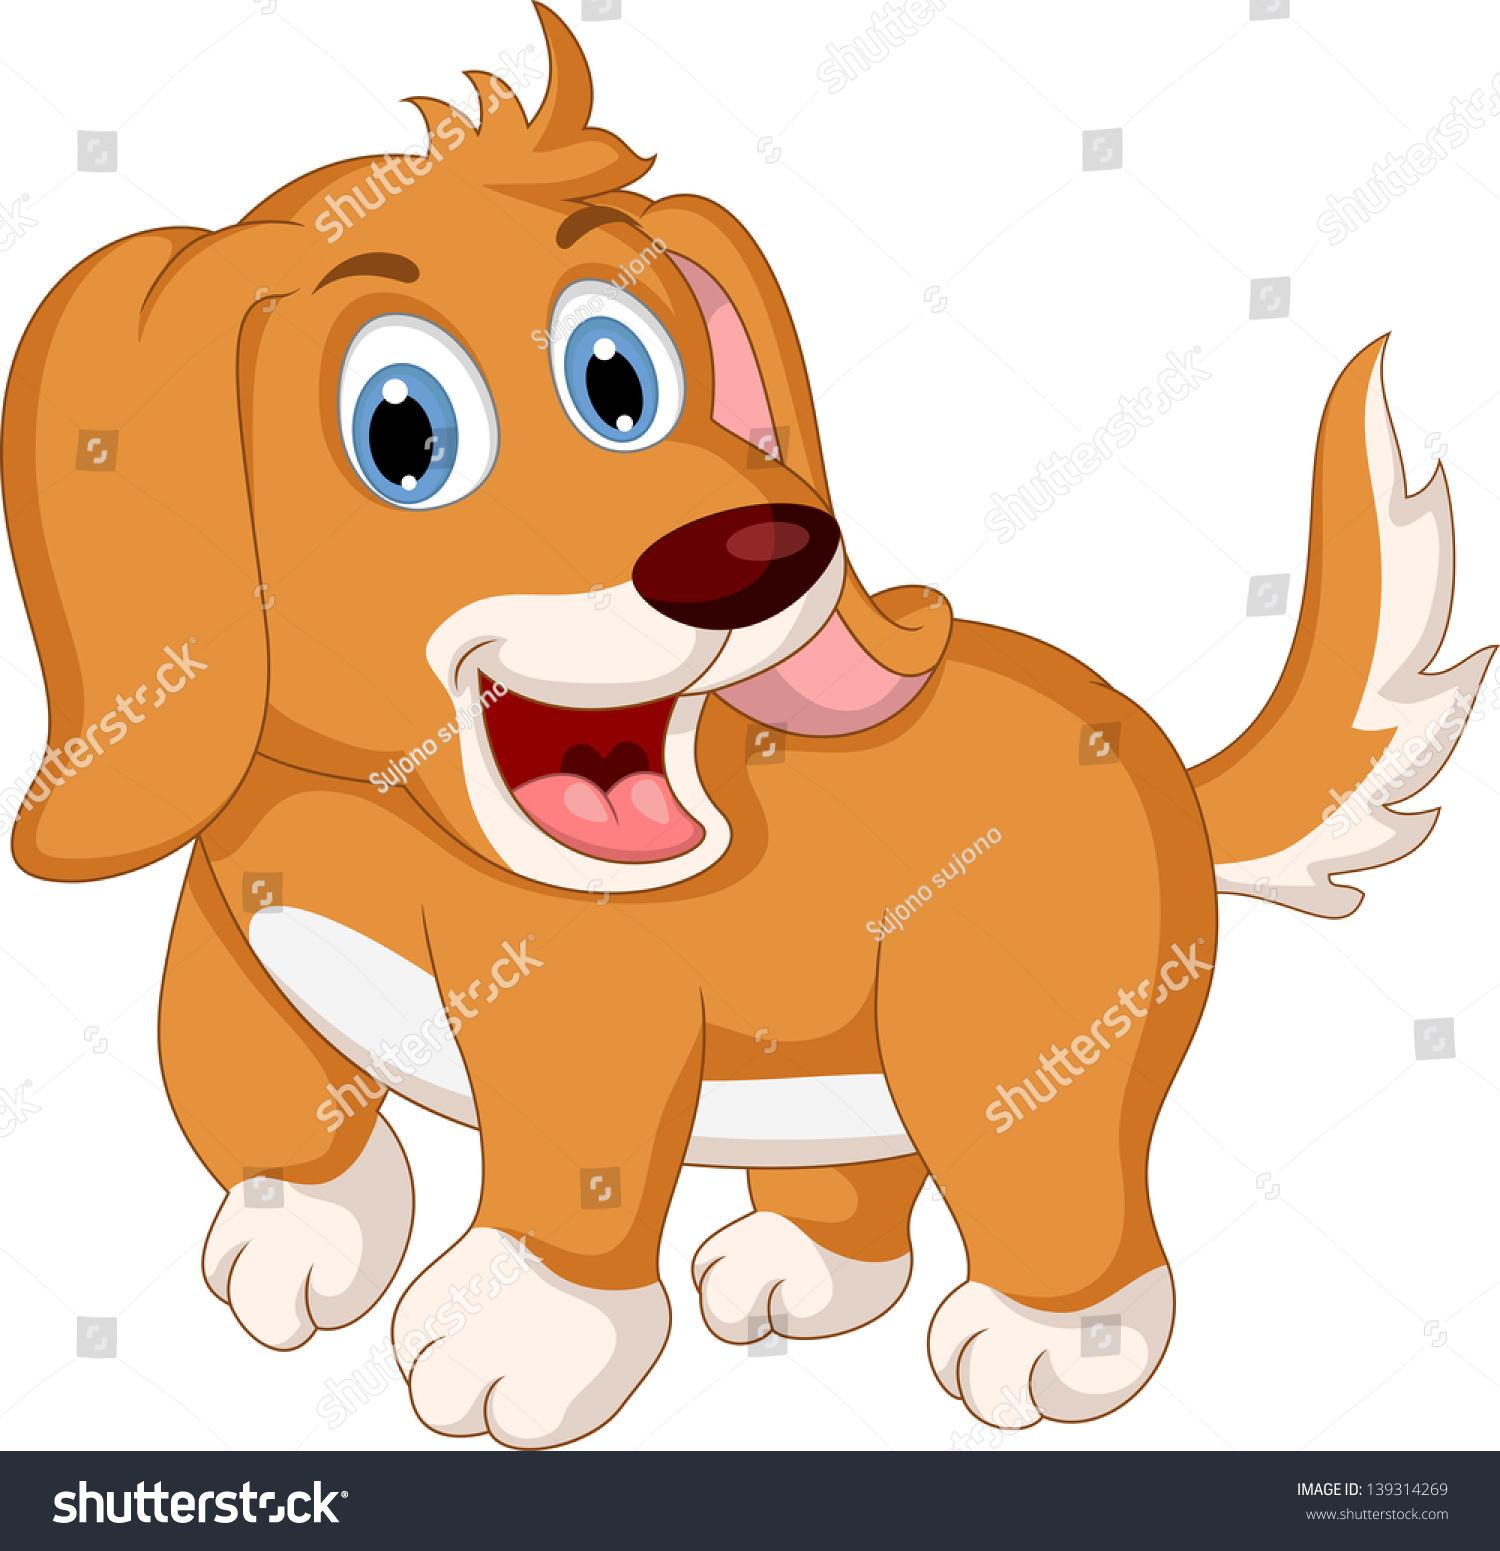 可爱的小狗卡通表情-动物/野生生物-海洛创意